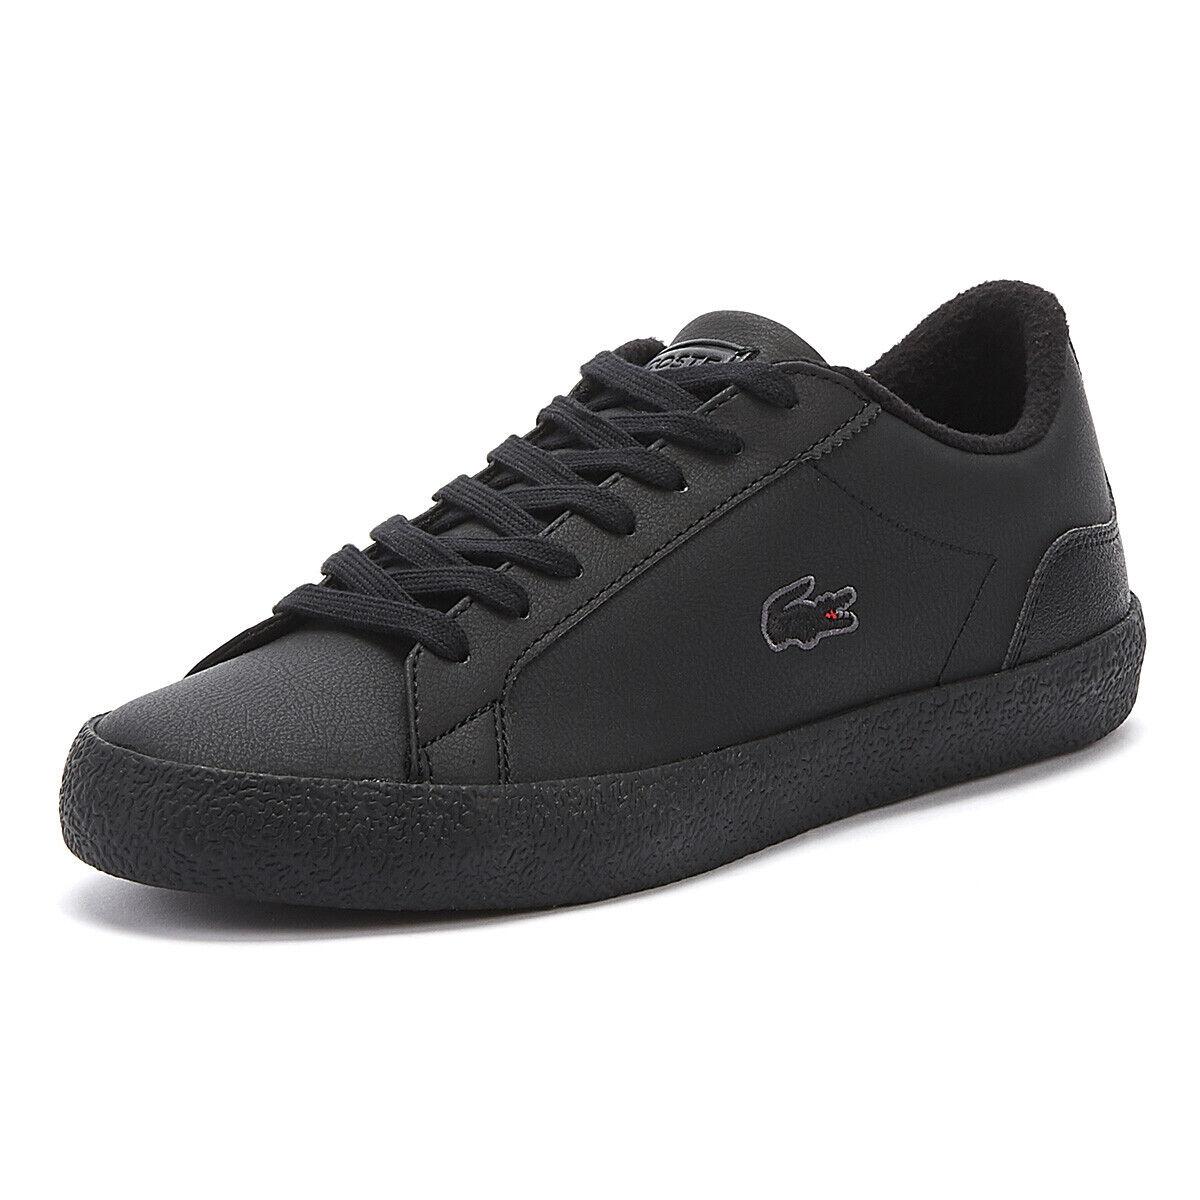 Lacoste Lerond 319 6 Homme Noir paniers à Lacets Sport Chaussures De Loisirs